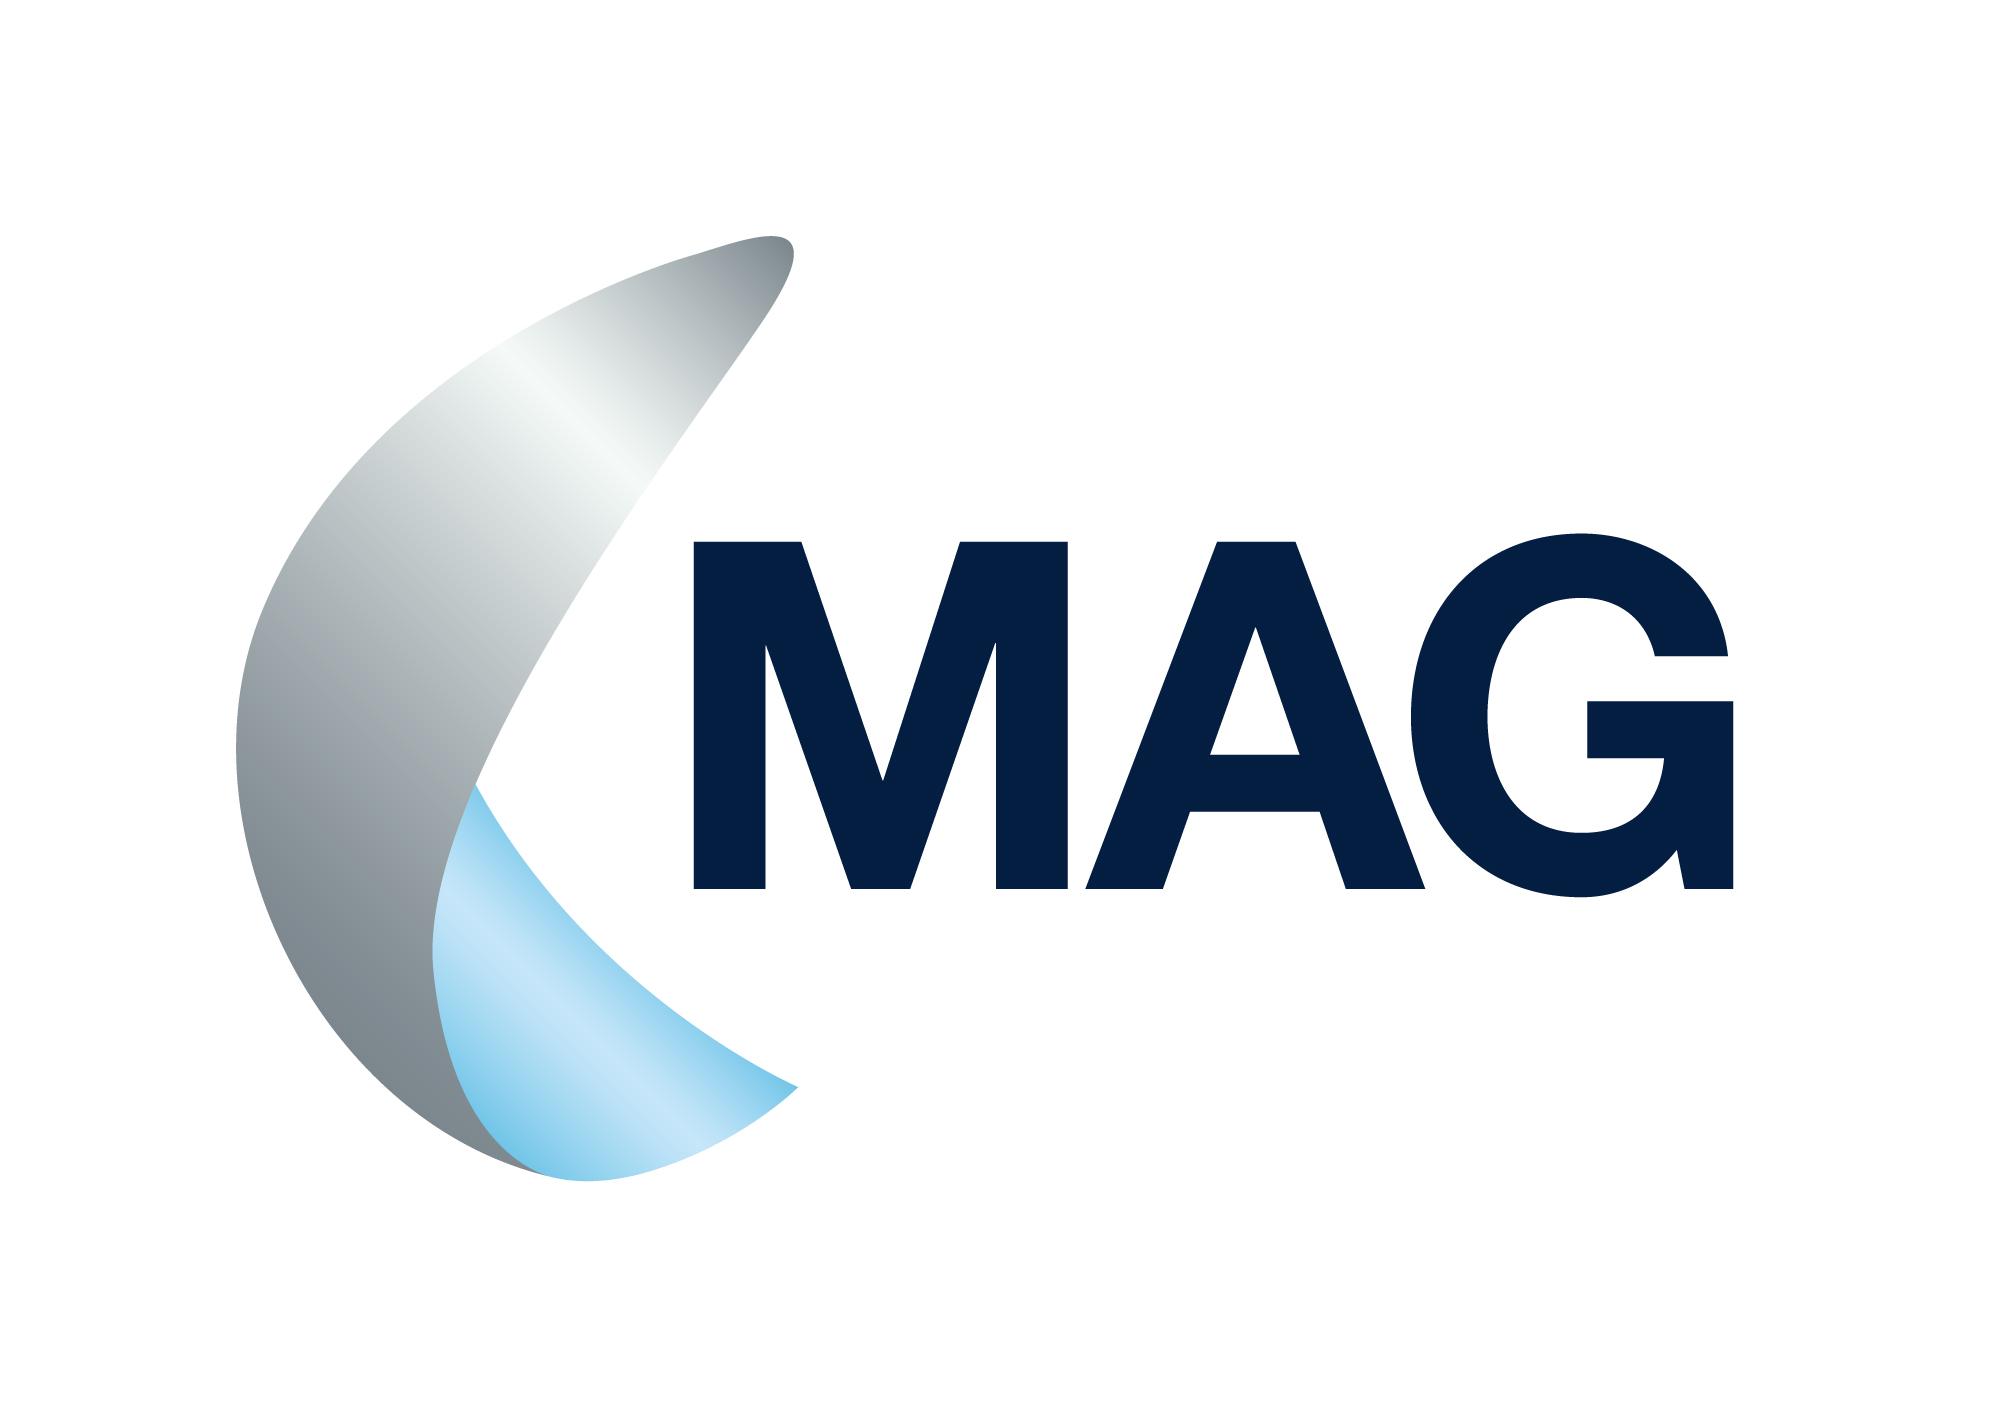 MAG_LOGO_COLR_POS_RGB.jpg